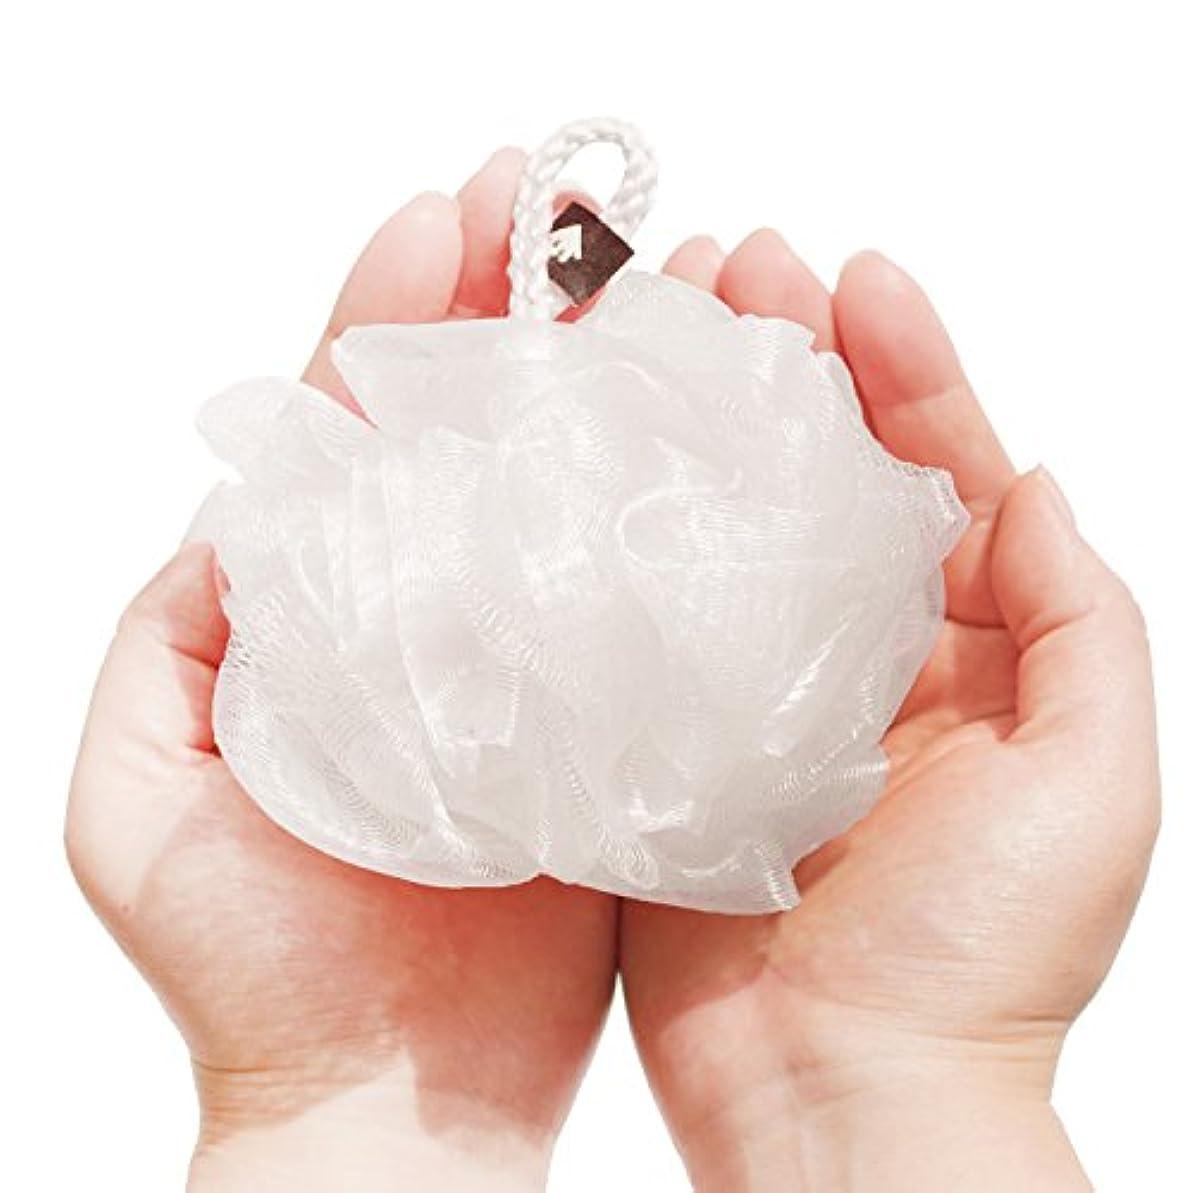 緊張する換気する到着するオカ 泡立てネット ホワイト Sサイズ PLYS(プリス)シルキーウォッシュ